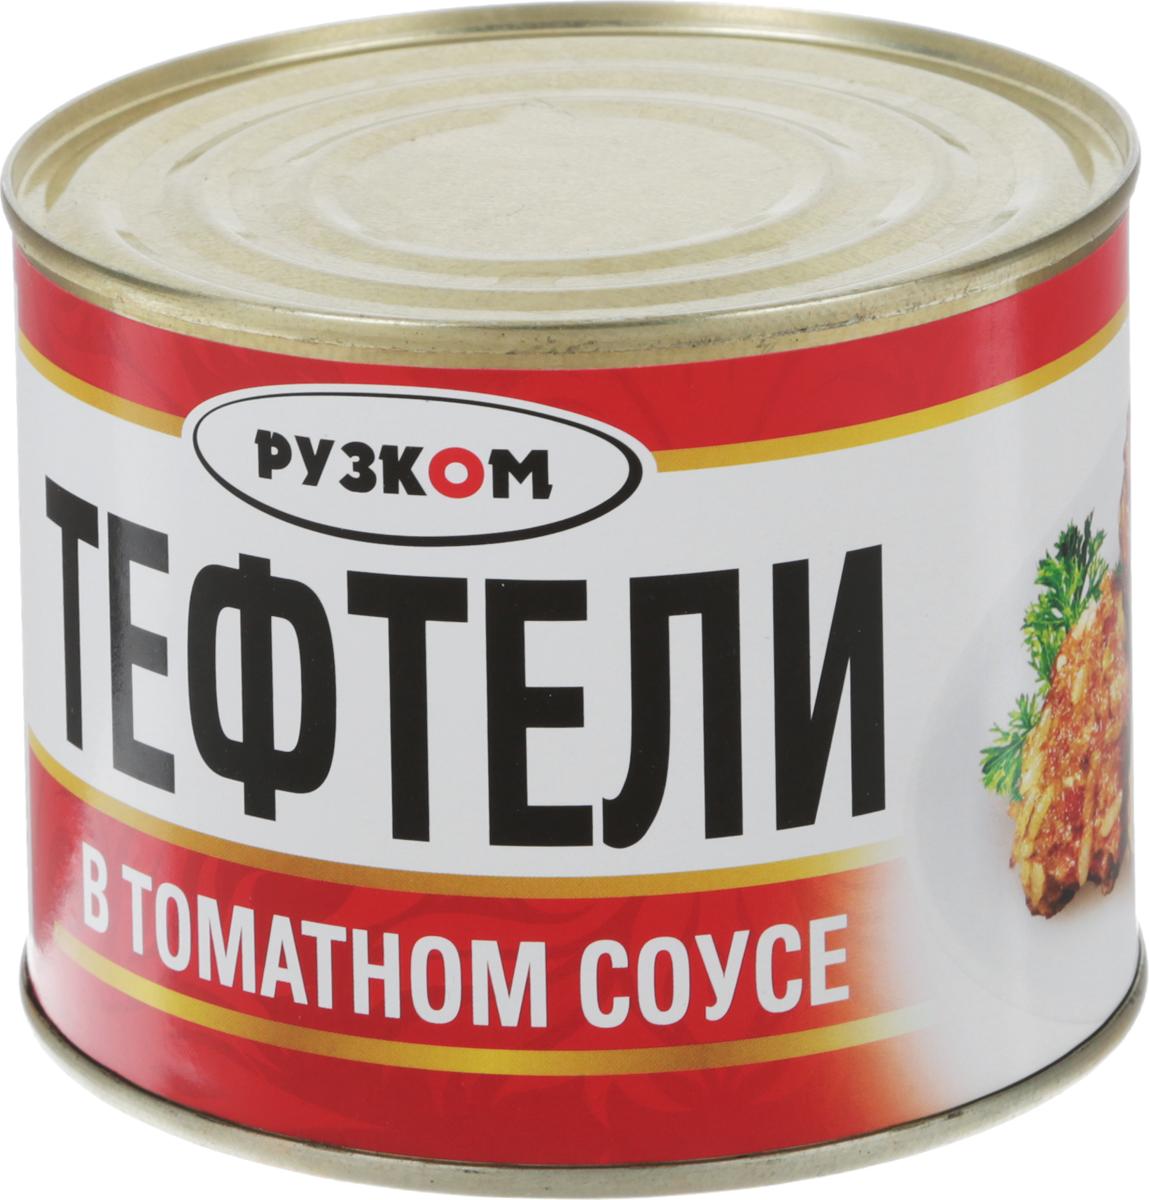 Рузком Тефтели в томатном соусе, 540 г националь рис круглозерный ризотто 500 г